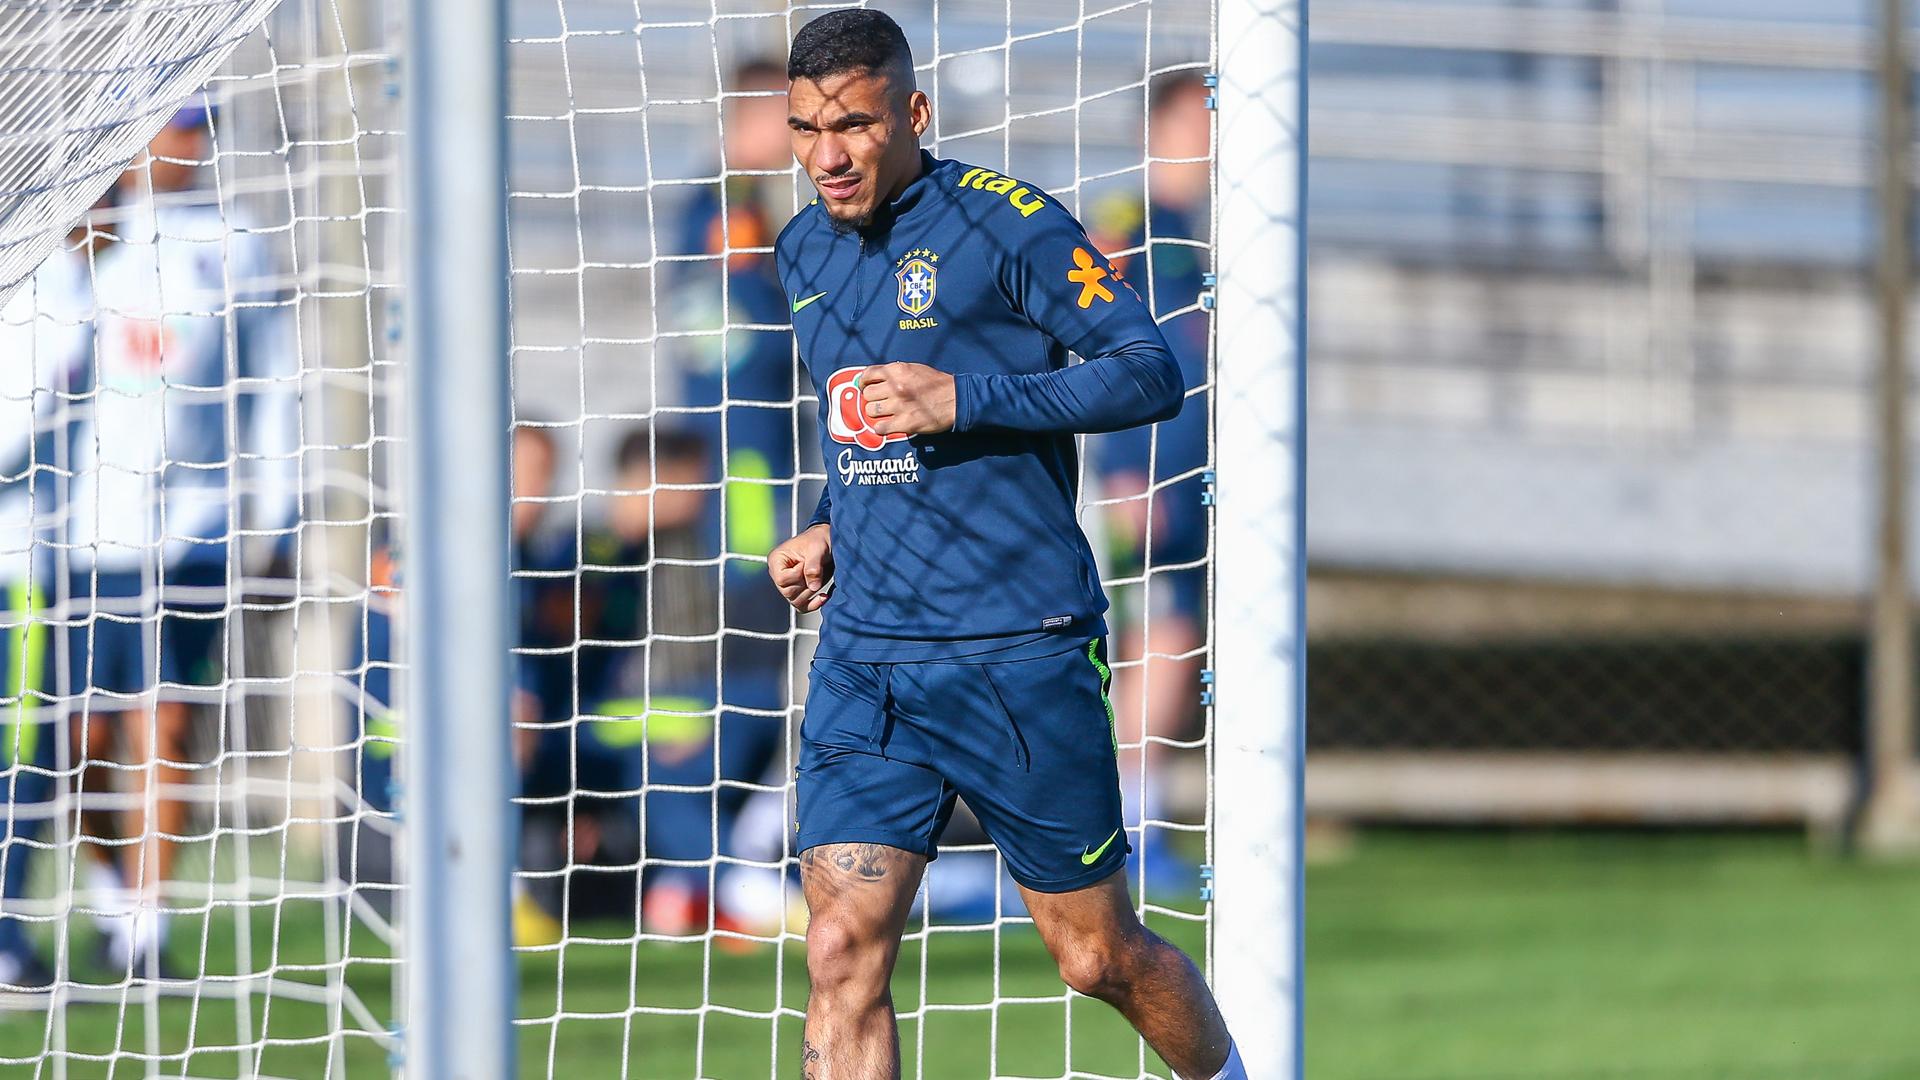 Allan to start for Brazil against Paraguay